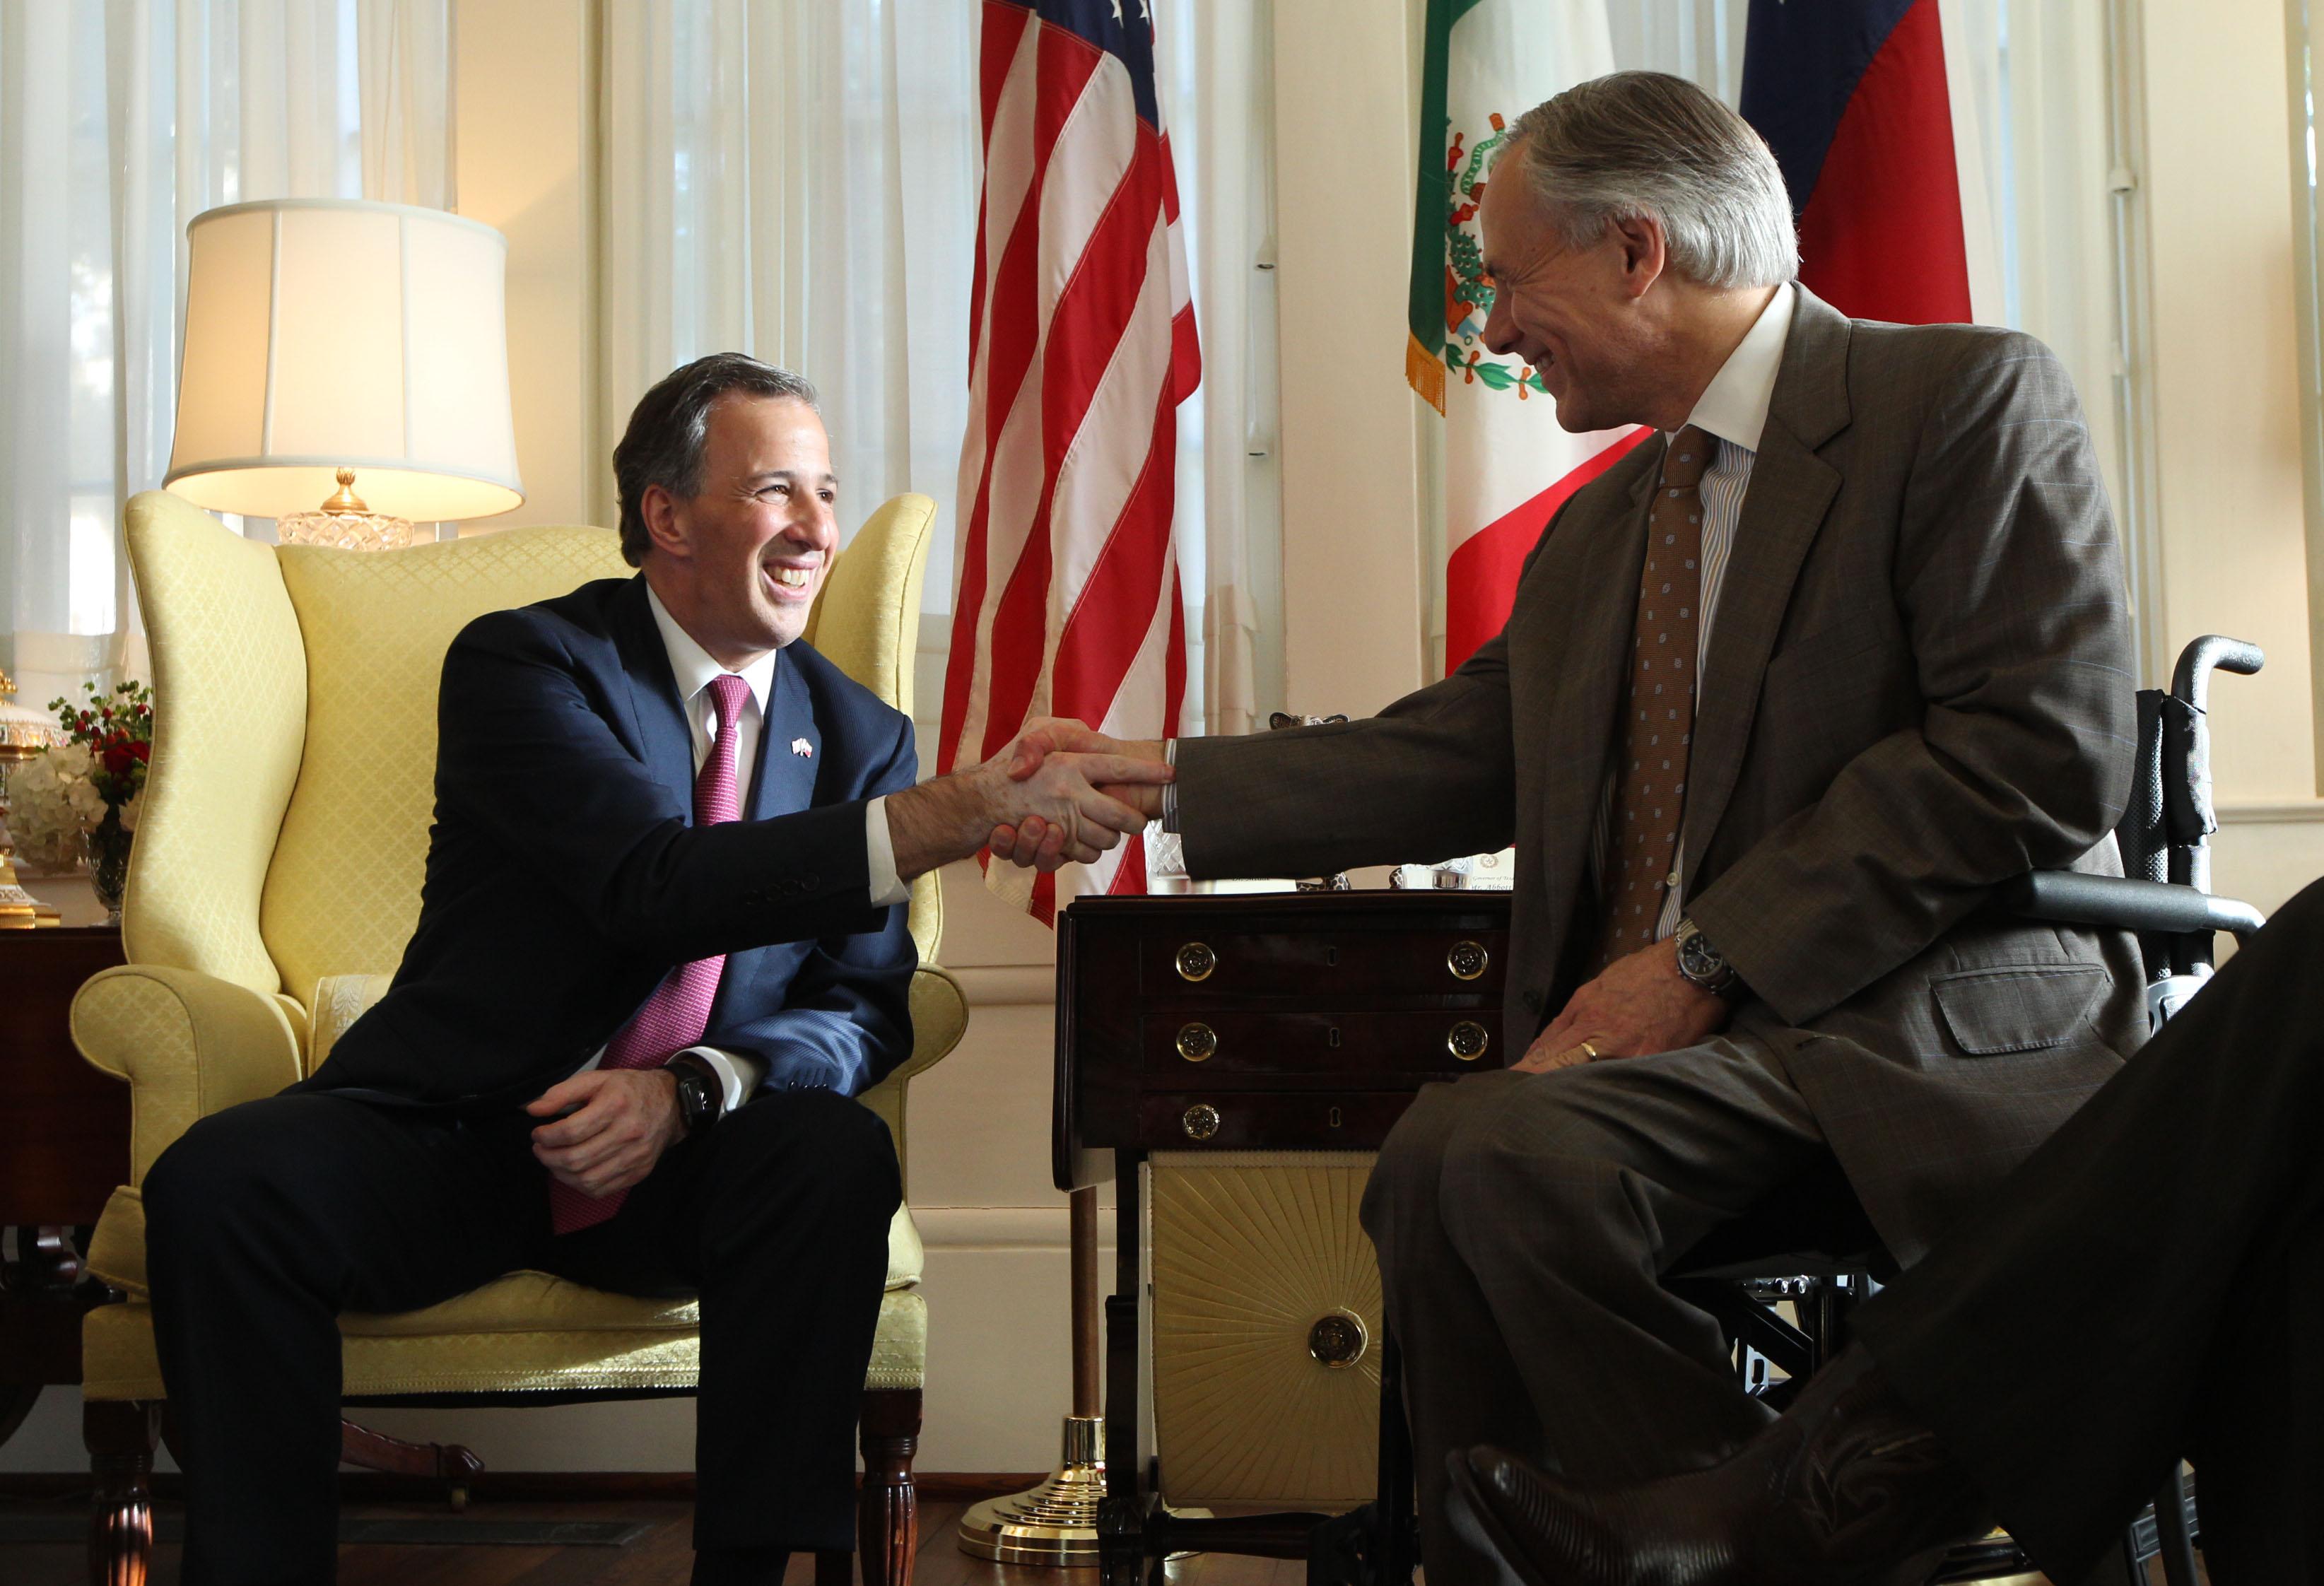 FOTO 1 Canciller Jos  Antonio Meade en encuentro con el gobernador de Texas  Greg Abbott.jpg